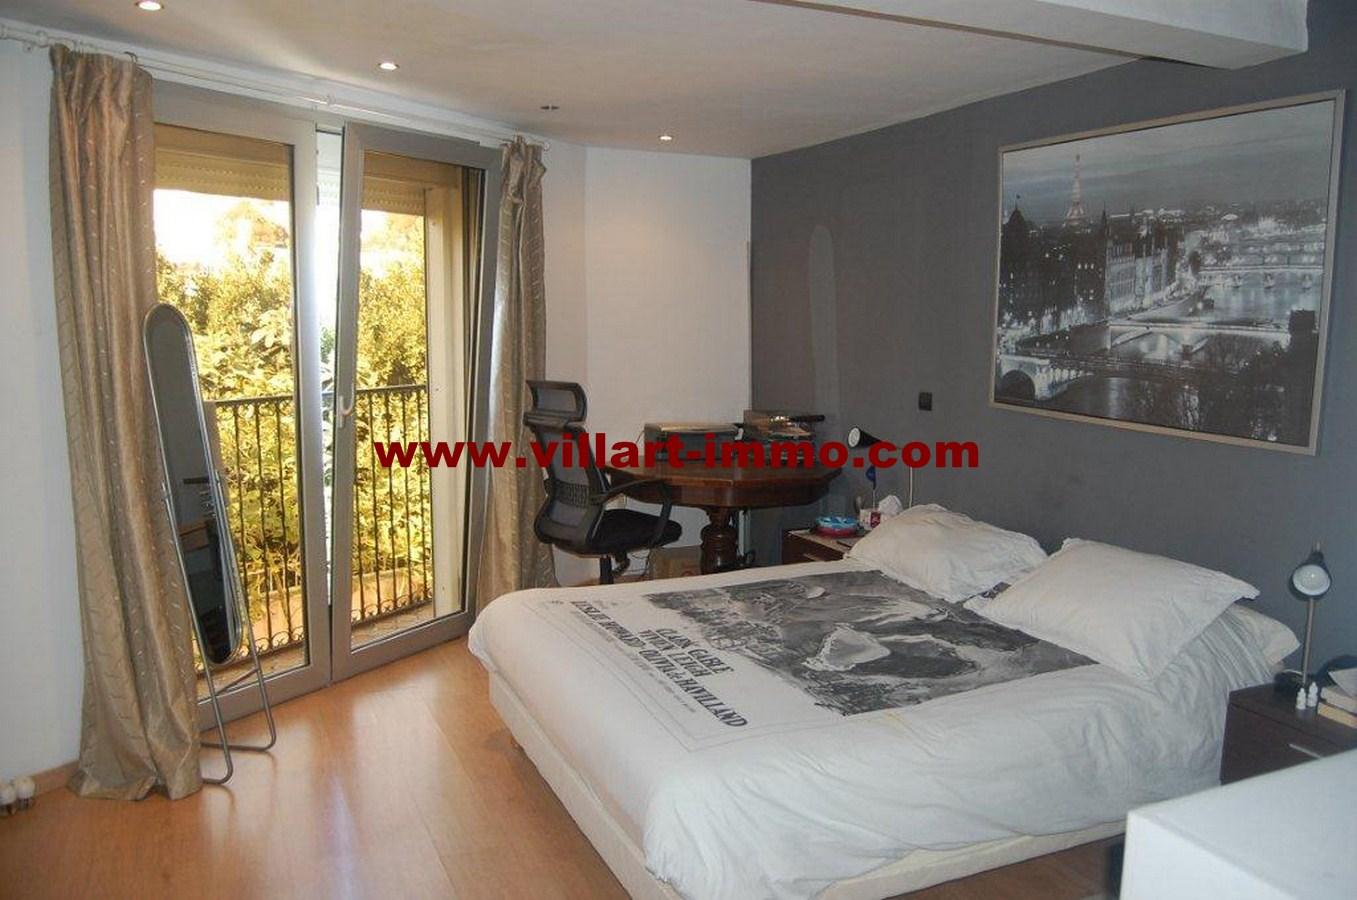 7-a-vendre-tanger-villa-californie-chambre-3-vv461-villart-immo-agence-immobiliere-copier